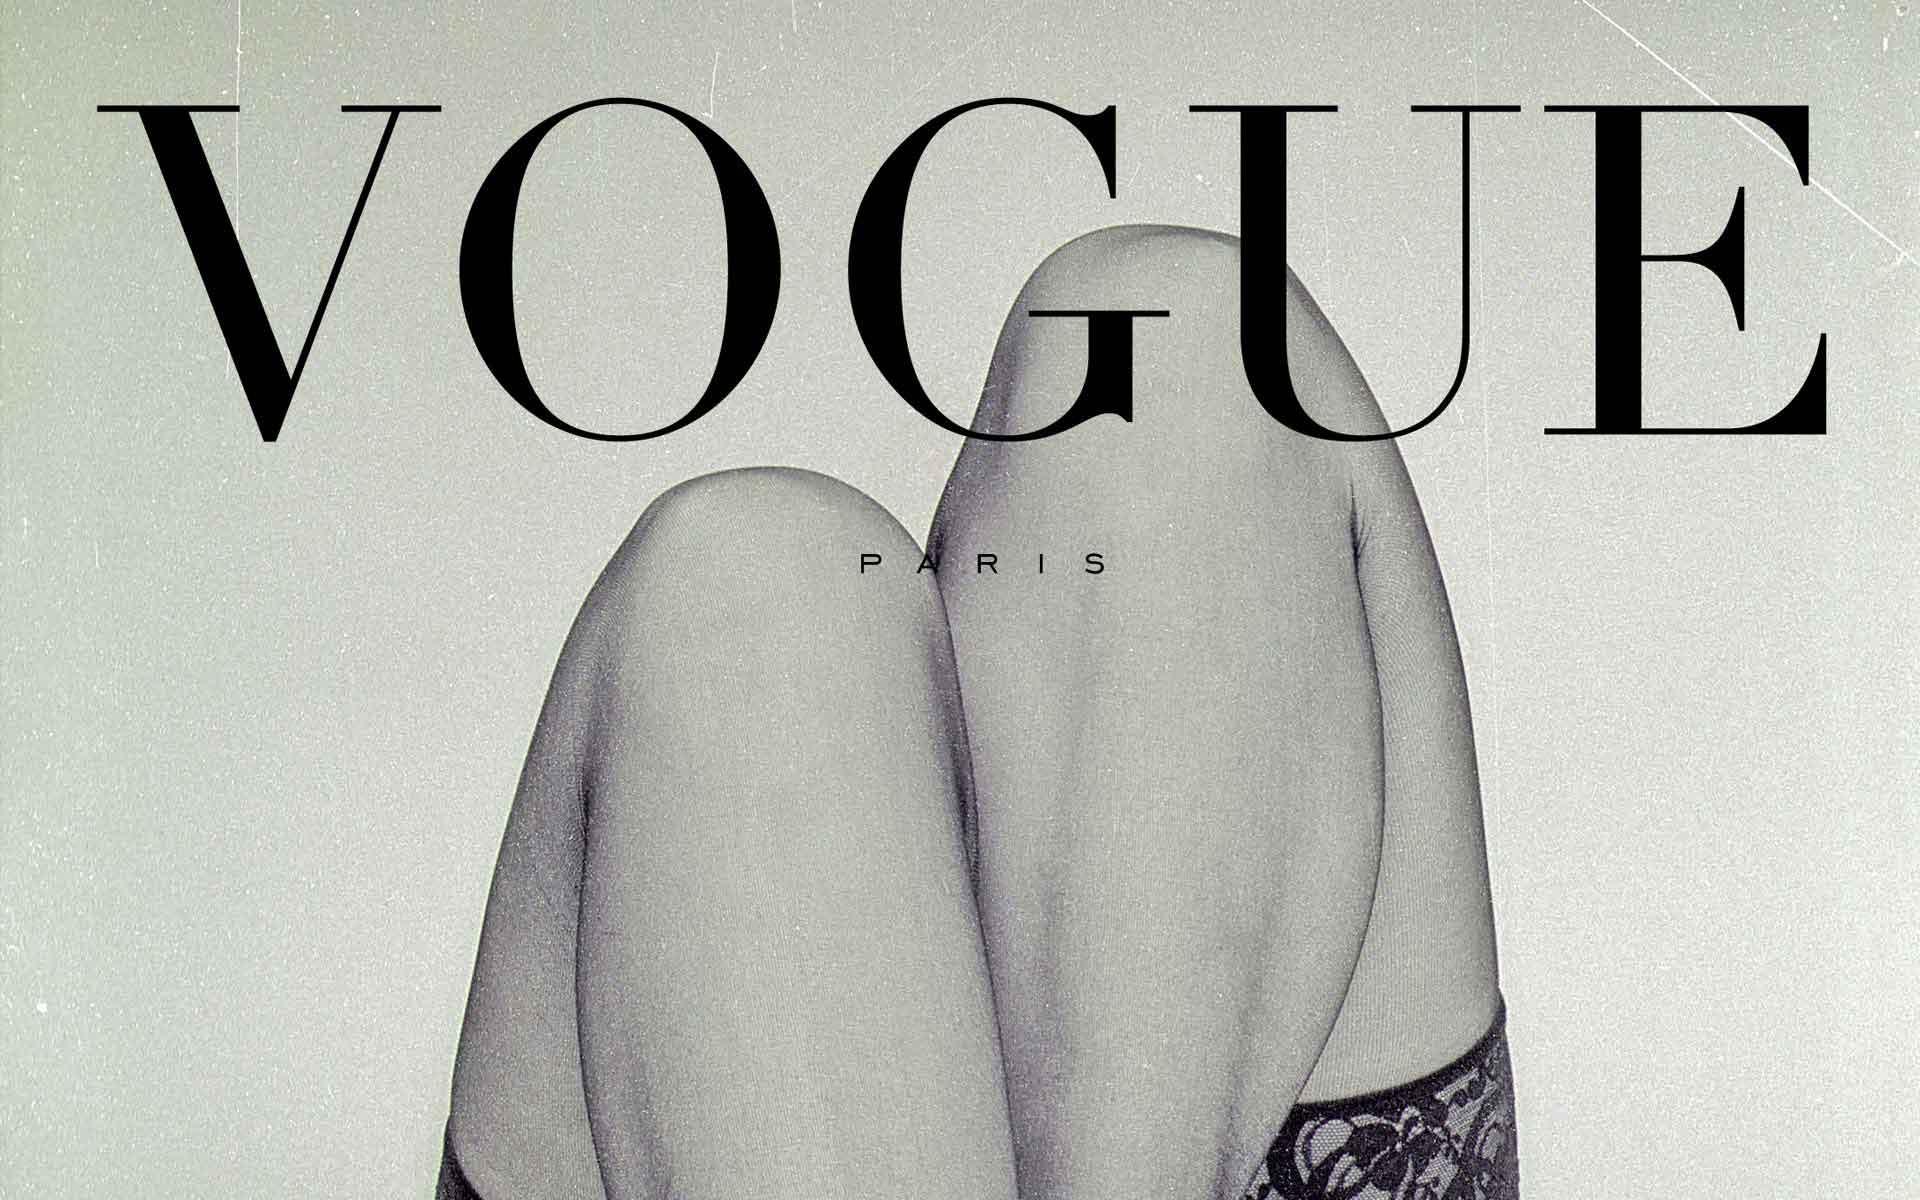 Fotografie und Design für die Vogue, Paris. Poster im Vintage Stil. Design und Fotograf: Wolfgang Beinert, Berlin.